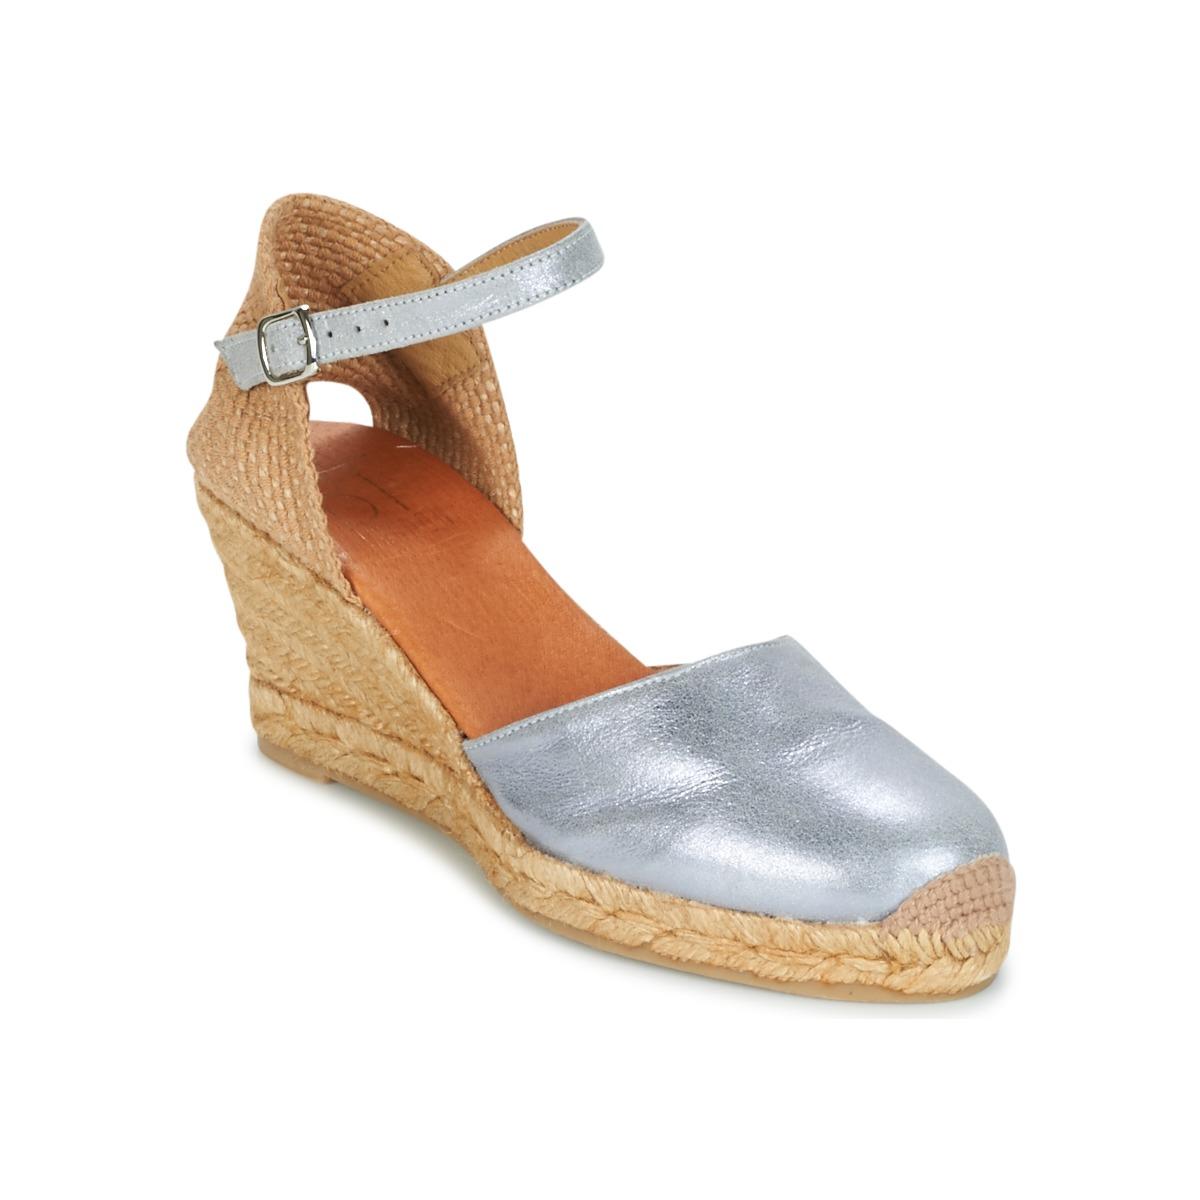 Betty London CASSIA Silbern - Kostenloser Versand bei Spartoode ! - Schuhe Sandalen / Sandaletten Damen 47,99 €